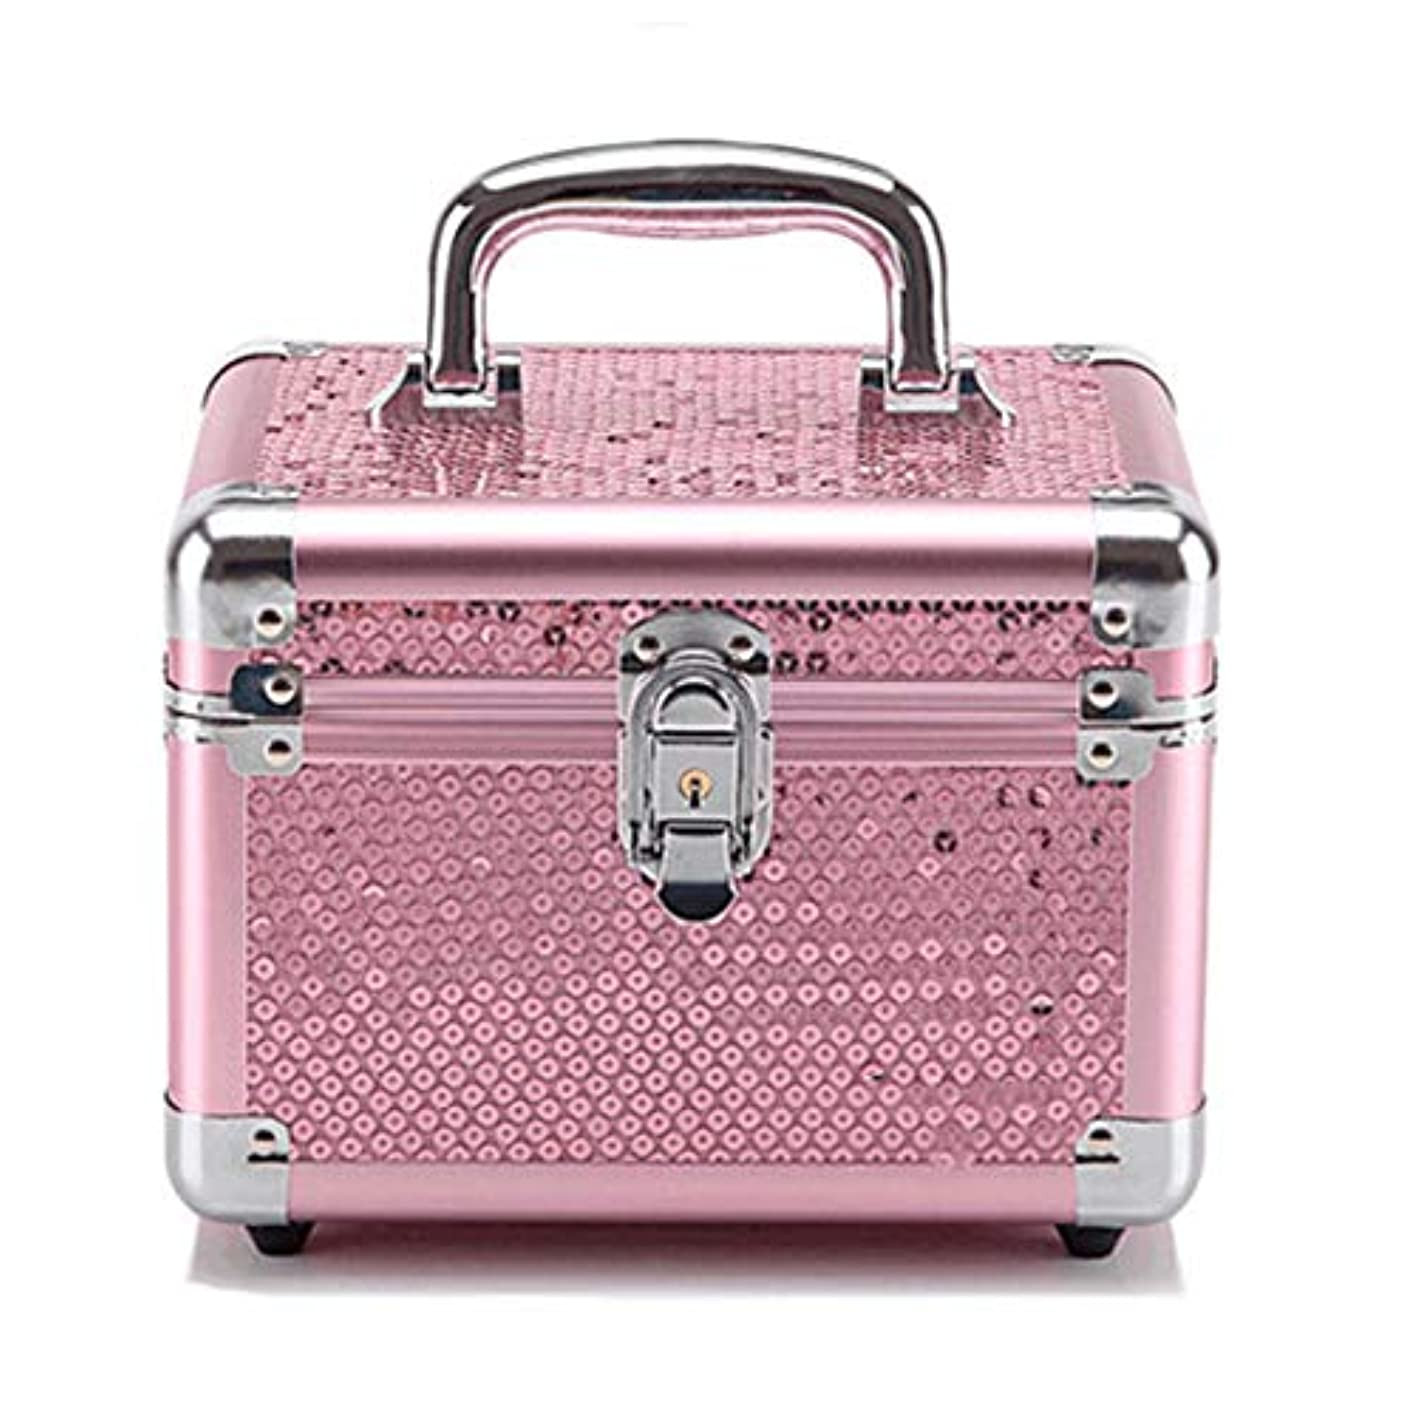 旧正月挽く作動する化粧オーガナイザーバッグ ピンクのスパンコールロック可能なメイクアップジュエリーネイルポーランドの美容タトゥーボックス美容アクセサリー収納ケース 化粧品ケース (色 : Pink(S))